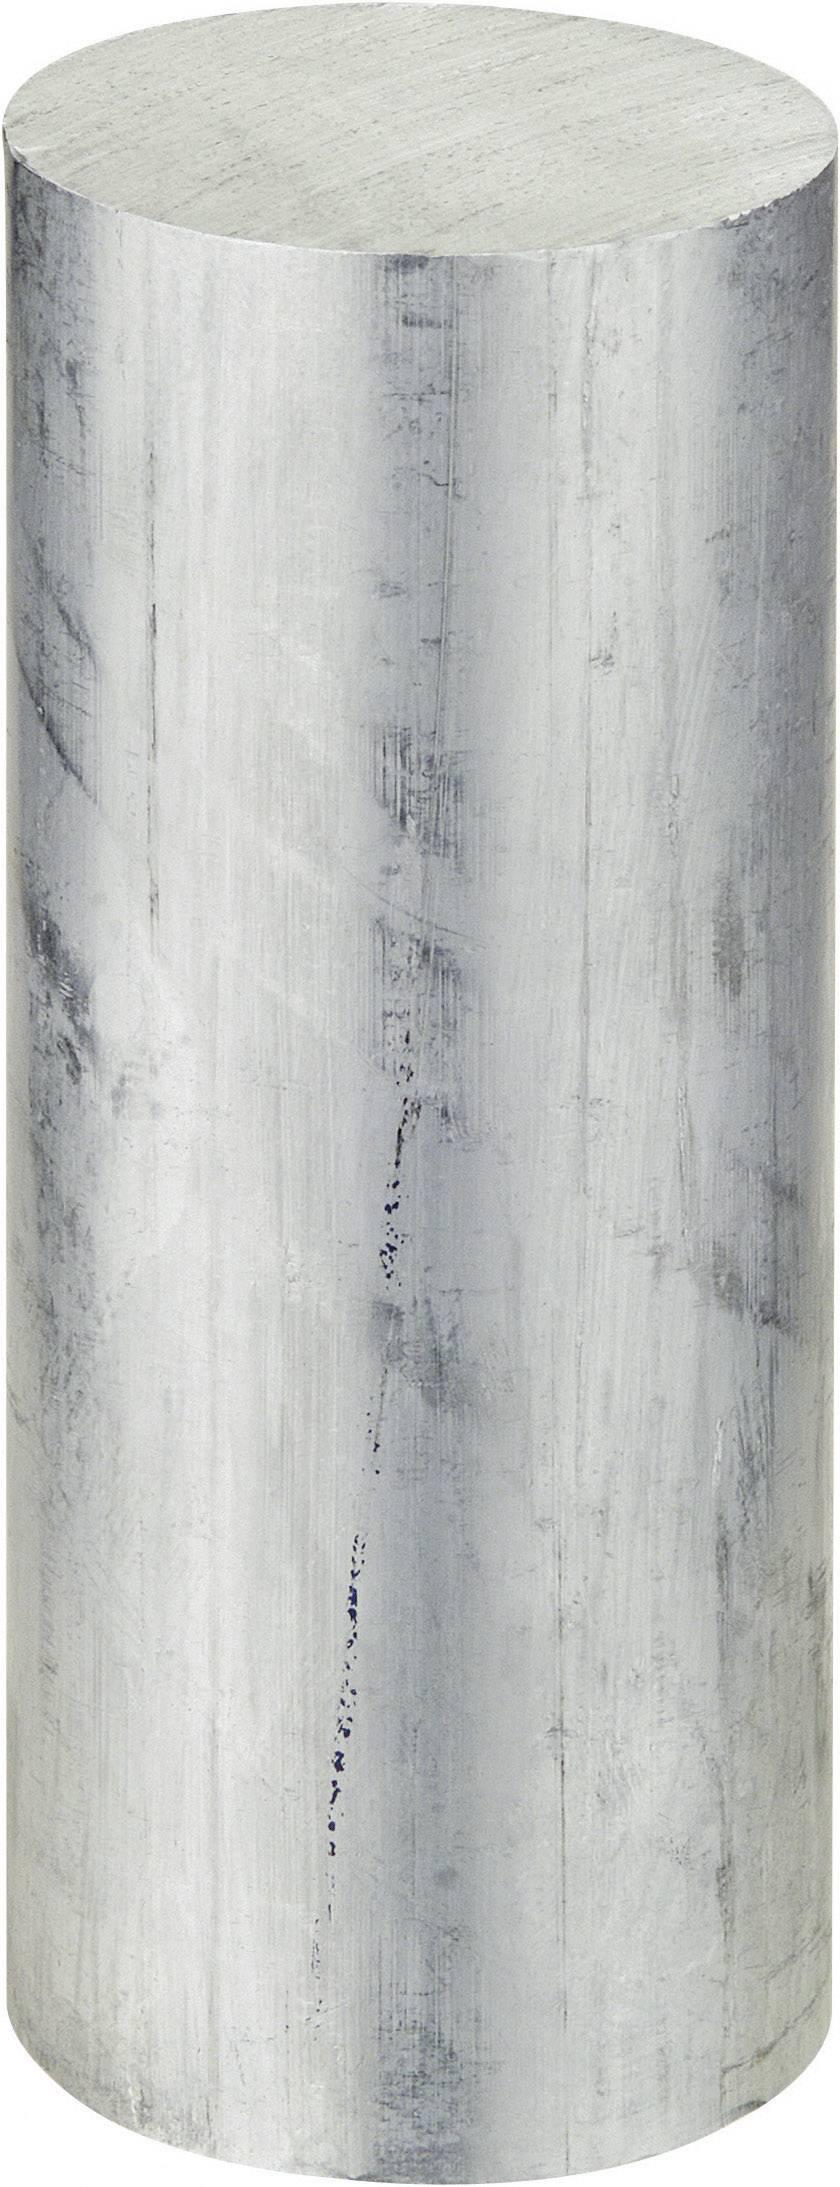 Guľatý profil Reely 222509, (Ø x d) 40 mm x 100 mm, hliník